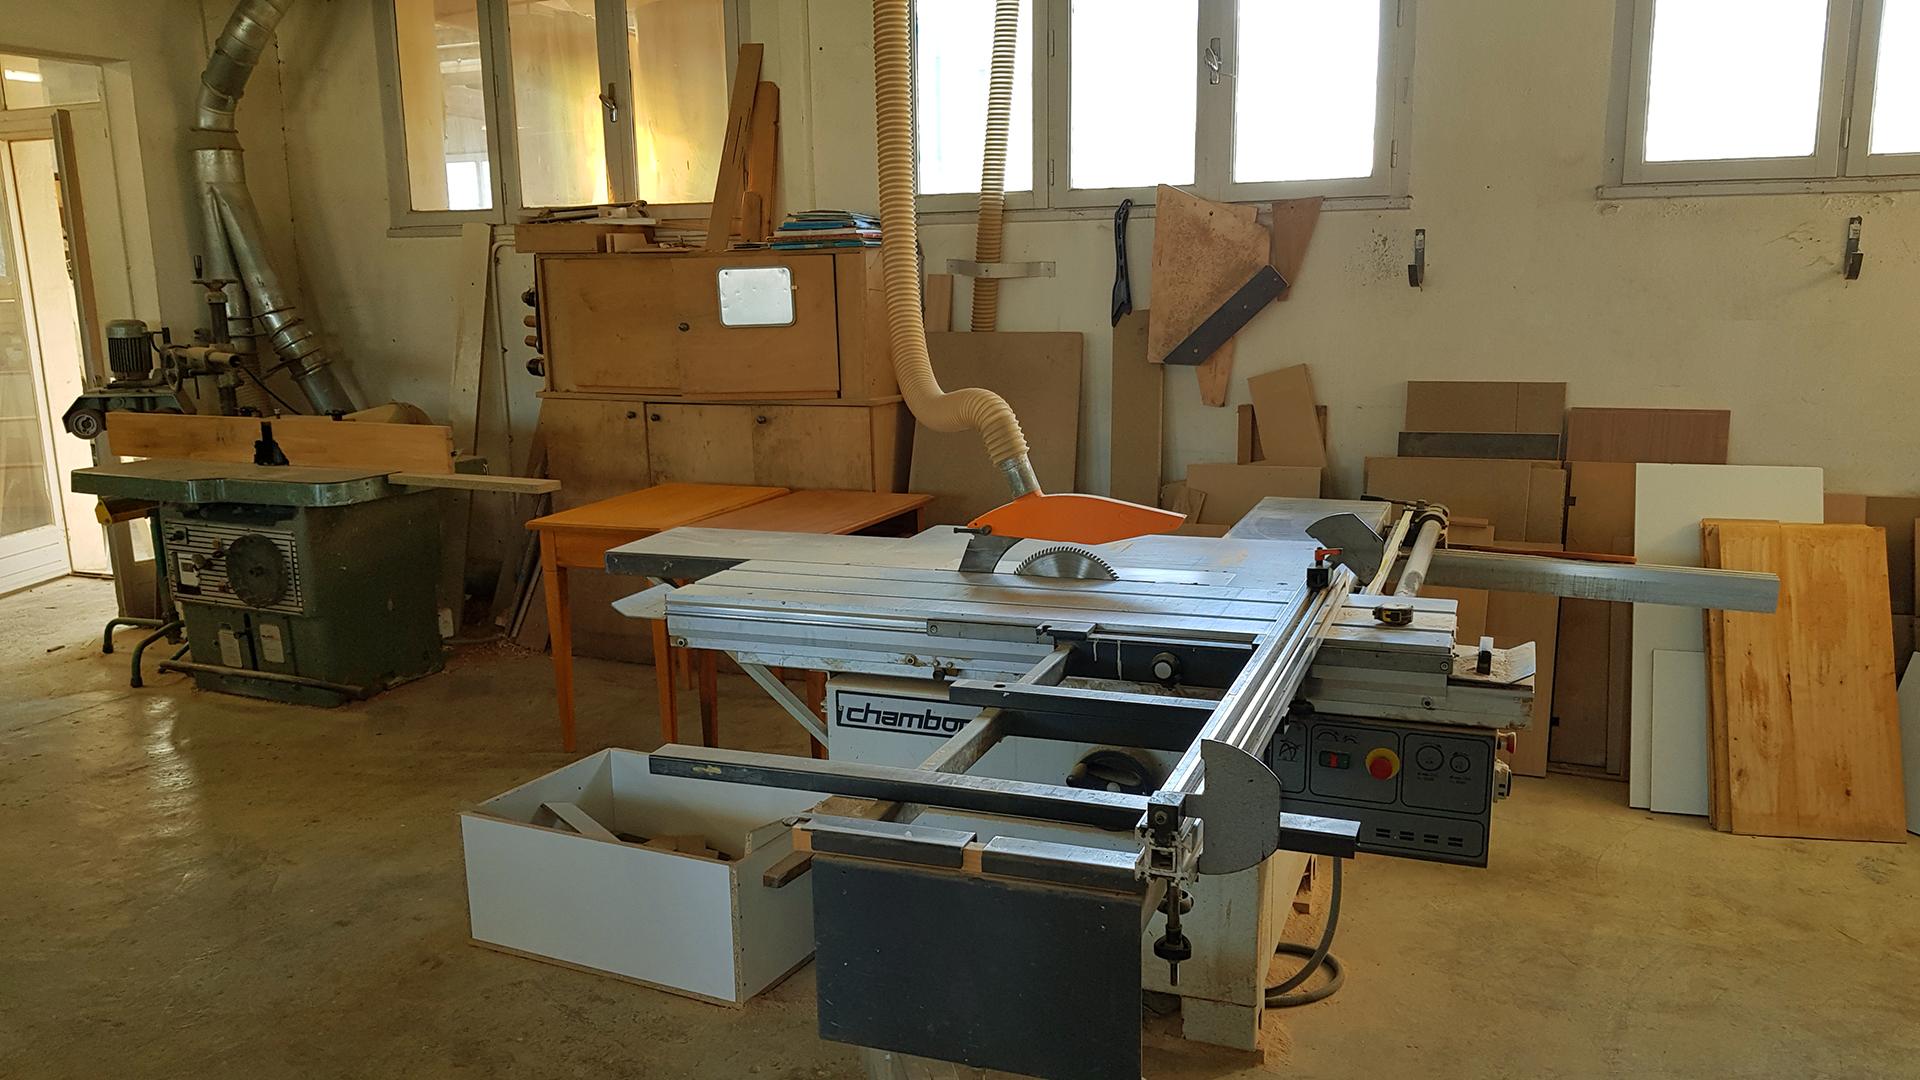 Atelier de fabrication des meubles : les machines de travail